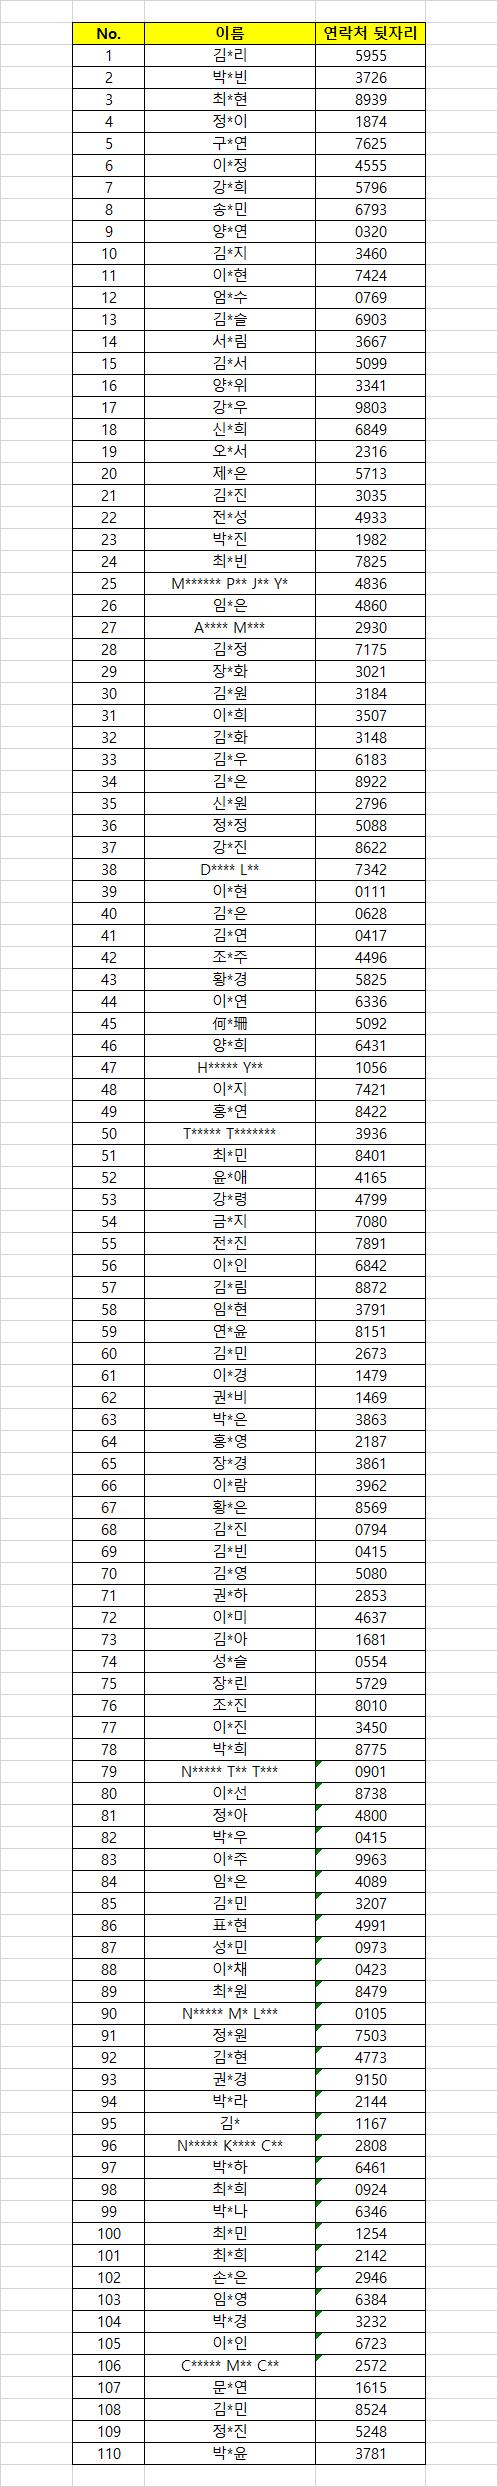 블락비10주년_당첨자명단